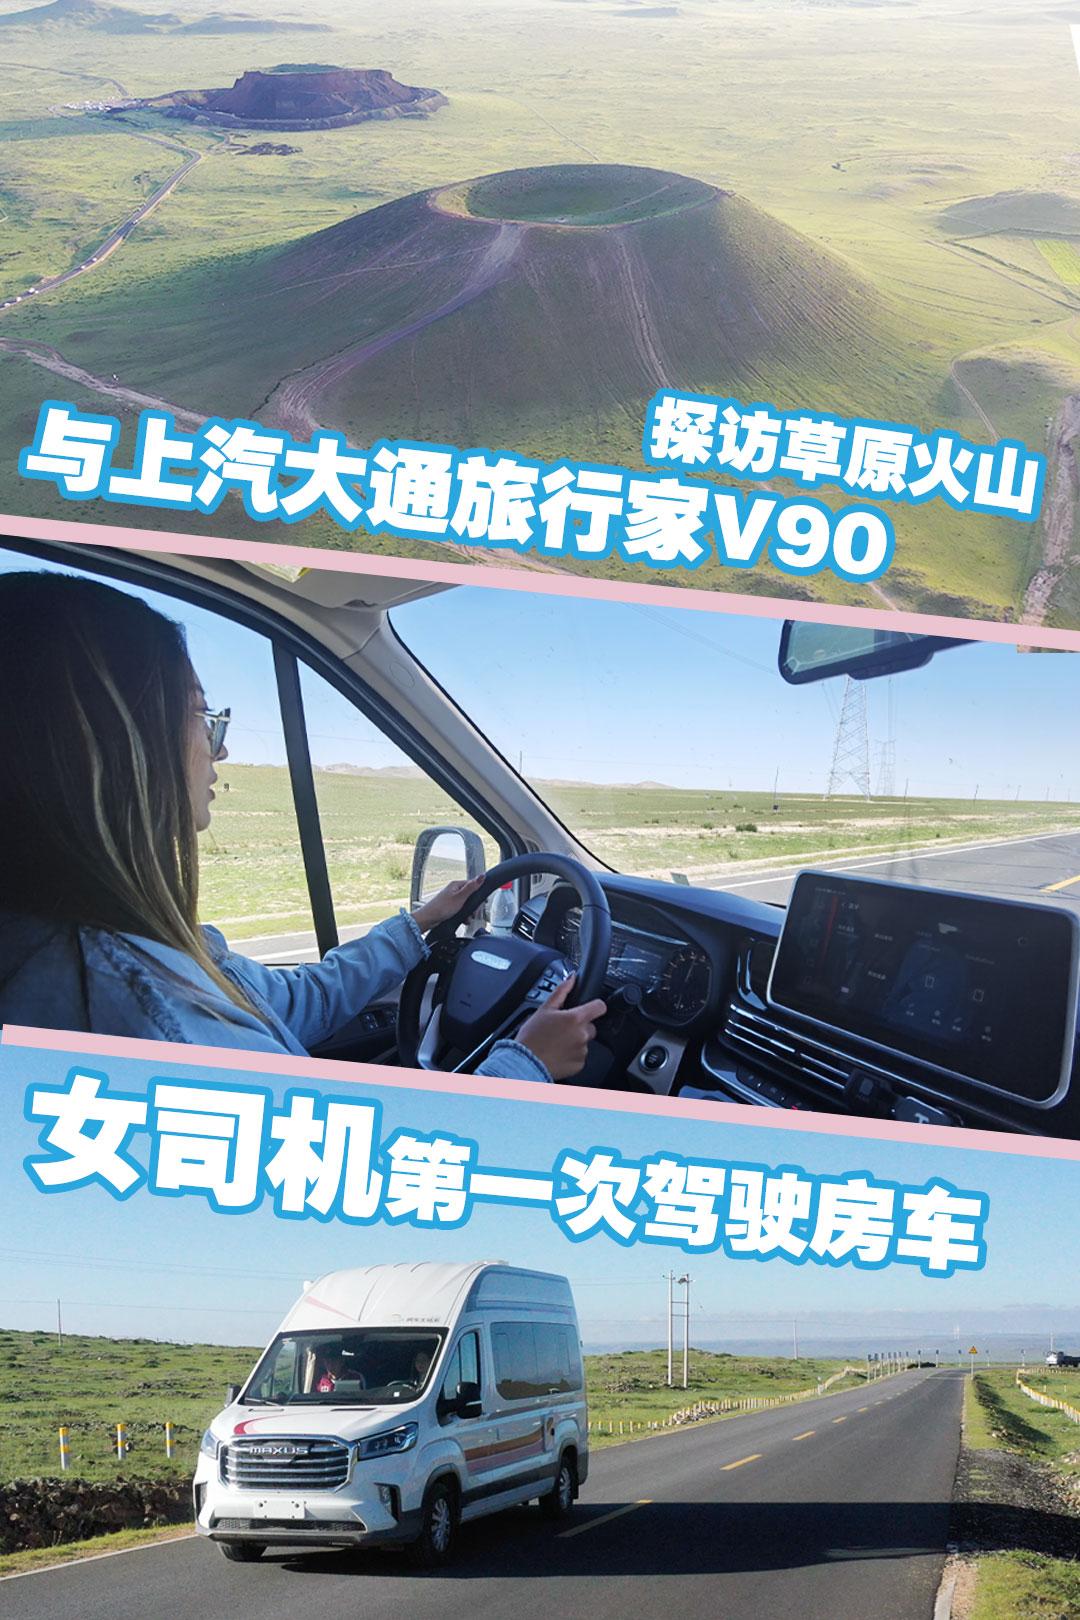 女司机第一次驾驶房车旅行,与上汽大通旅行家V90探访草原火山,就这?